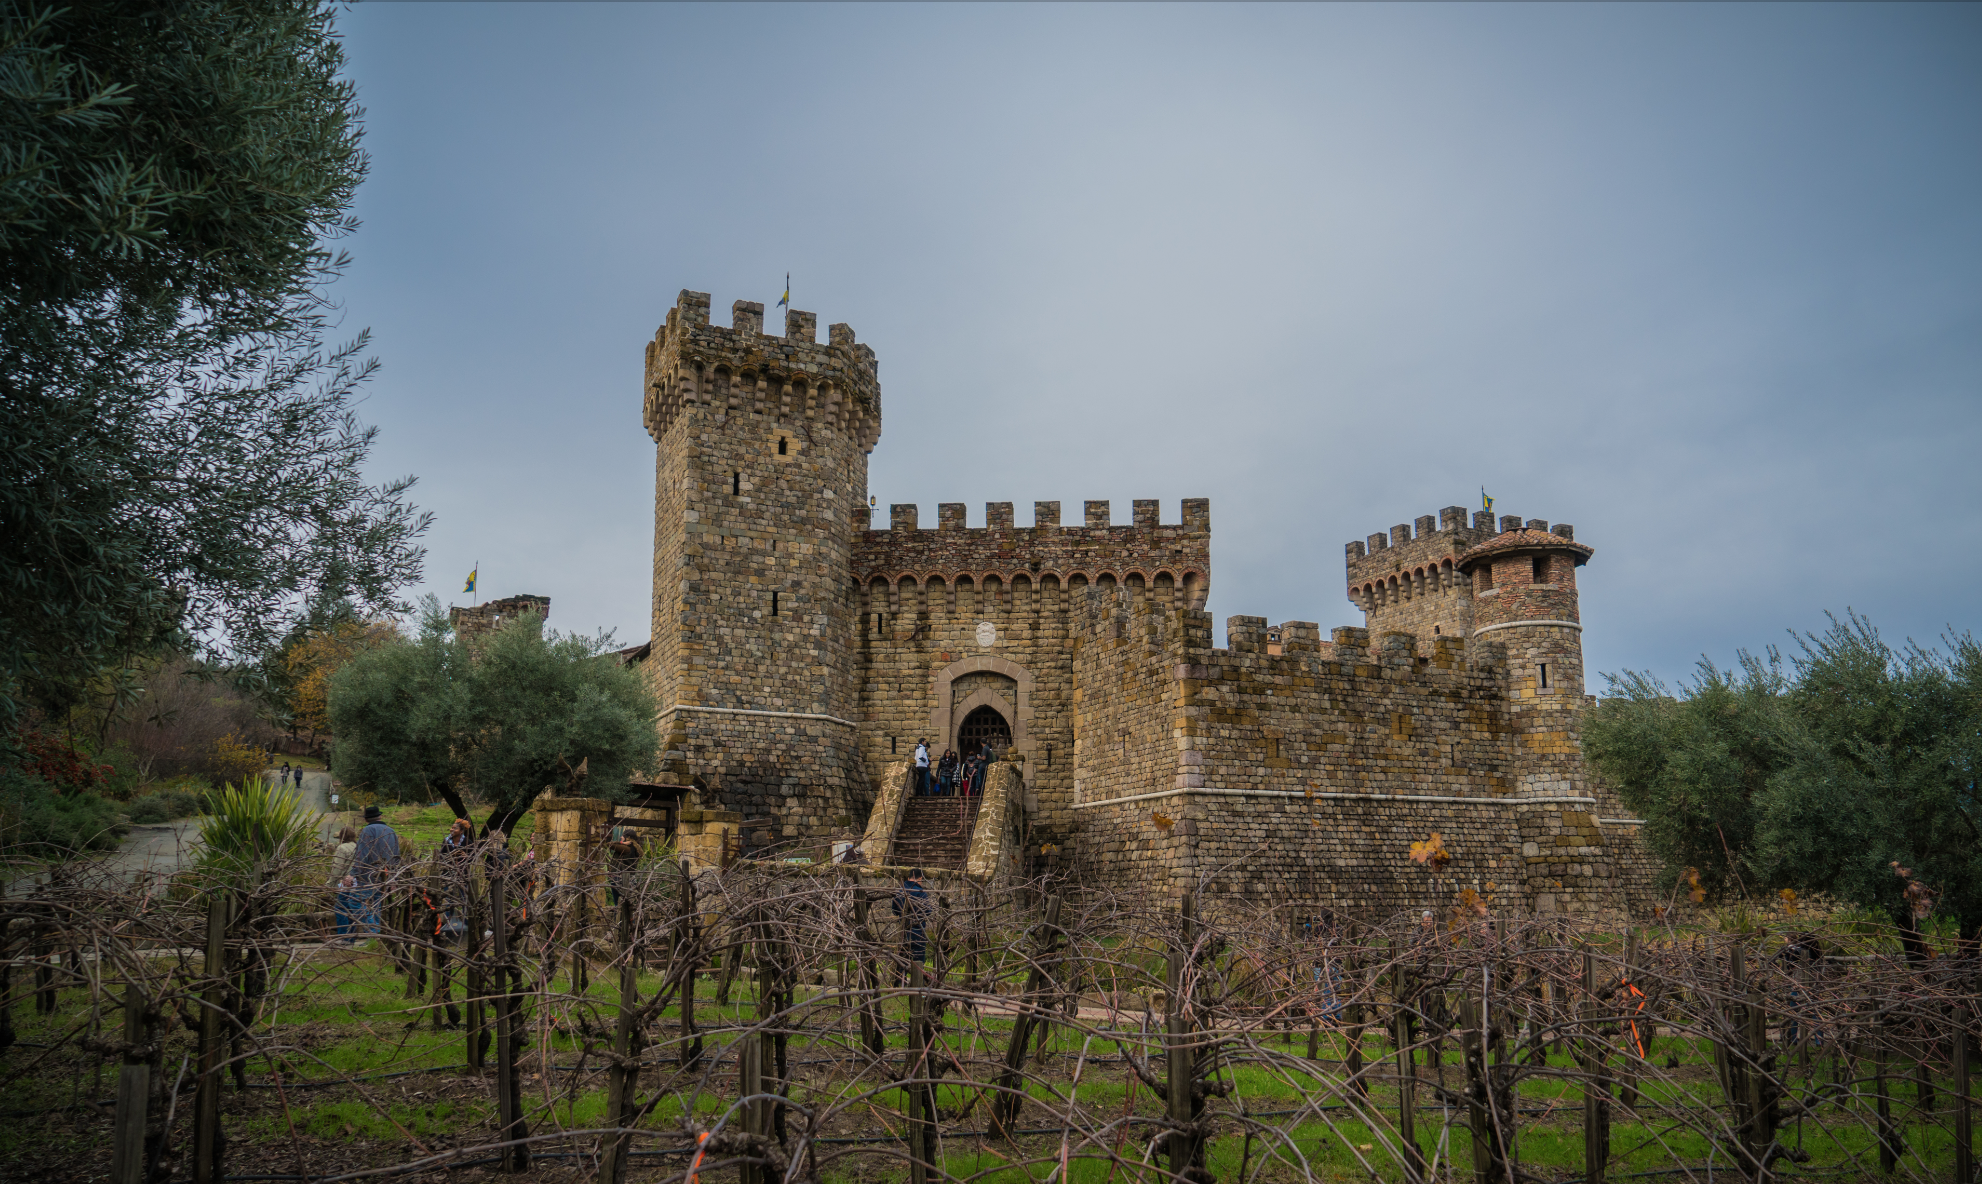 Castello Di Amorosa castle